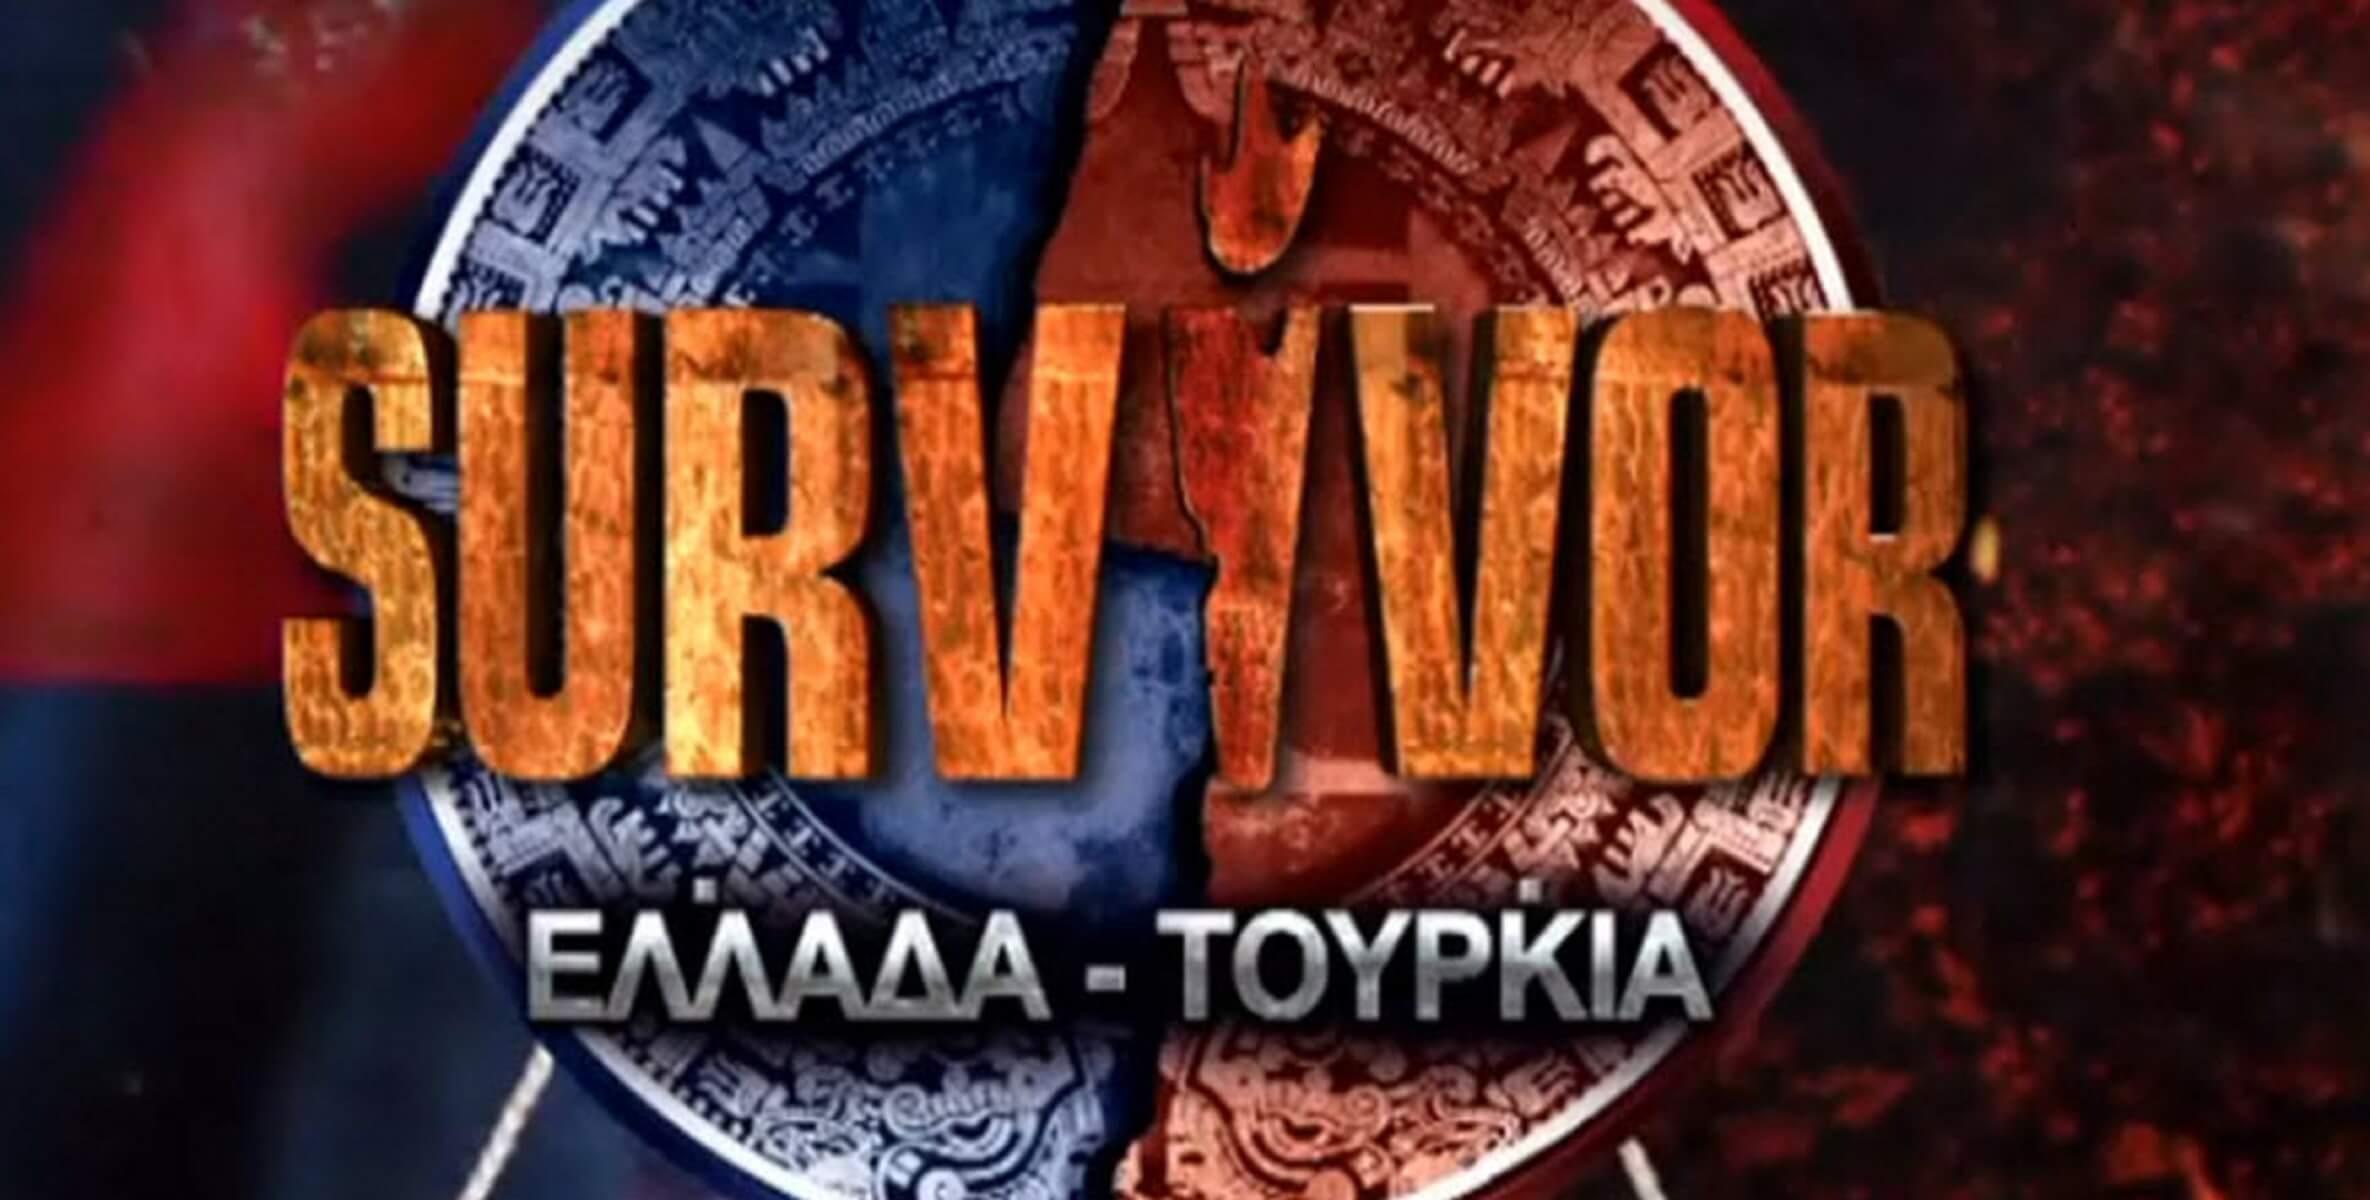 Παραβίαση κανόνων από το Survivor! | Newsit.gr